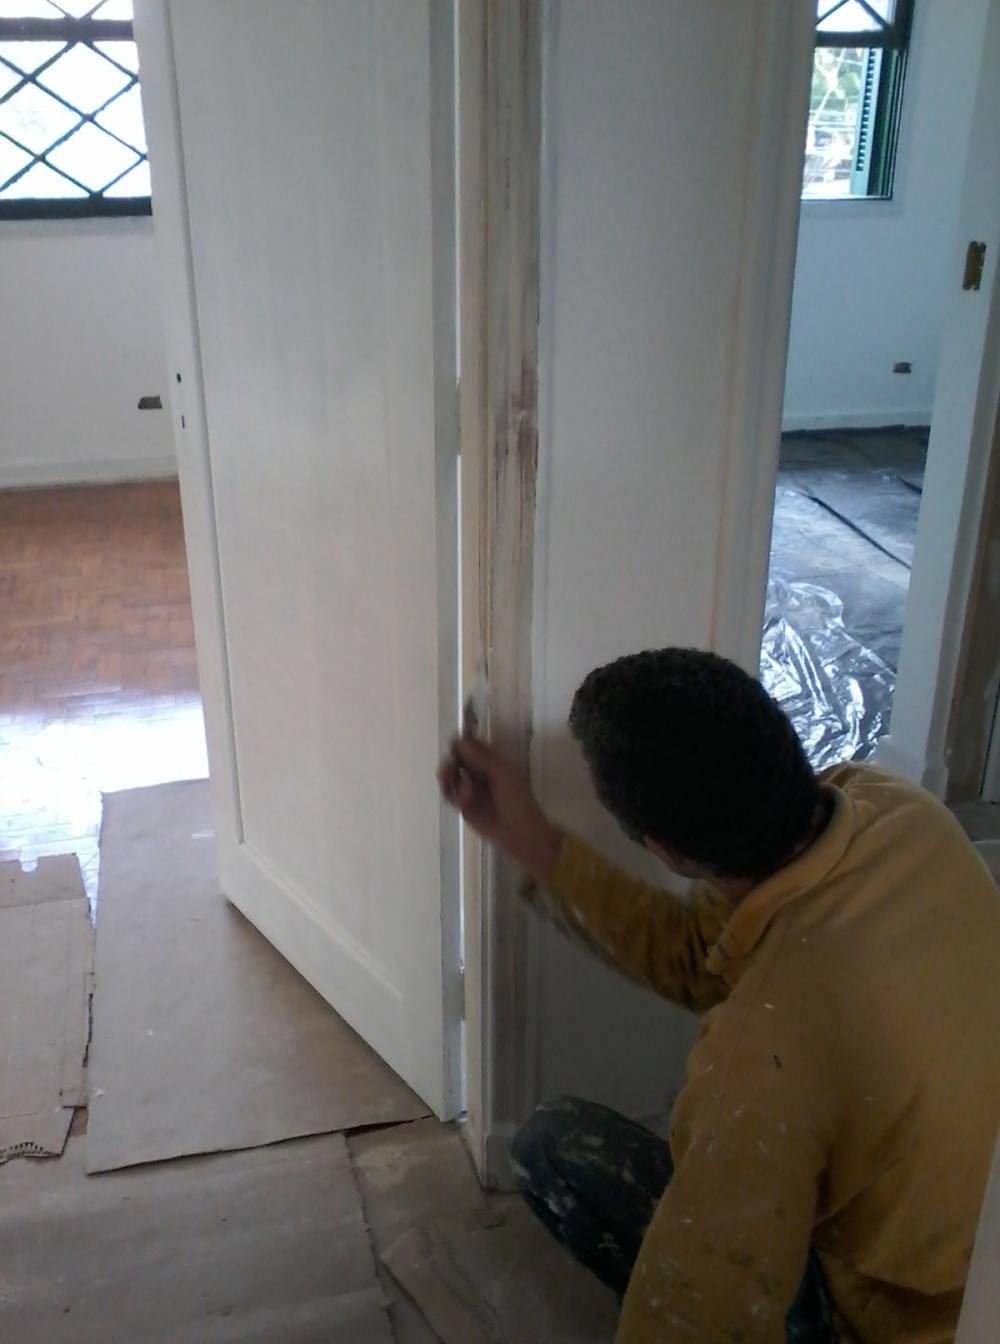 Serviços de Pintura Residencial em Artur Alvim - Serviço de Pintura Predial